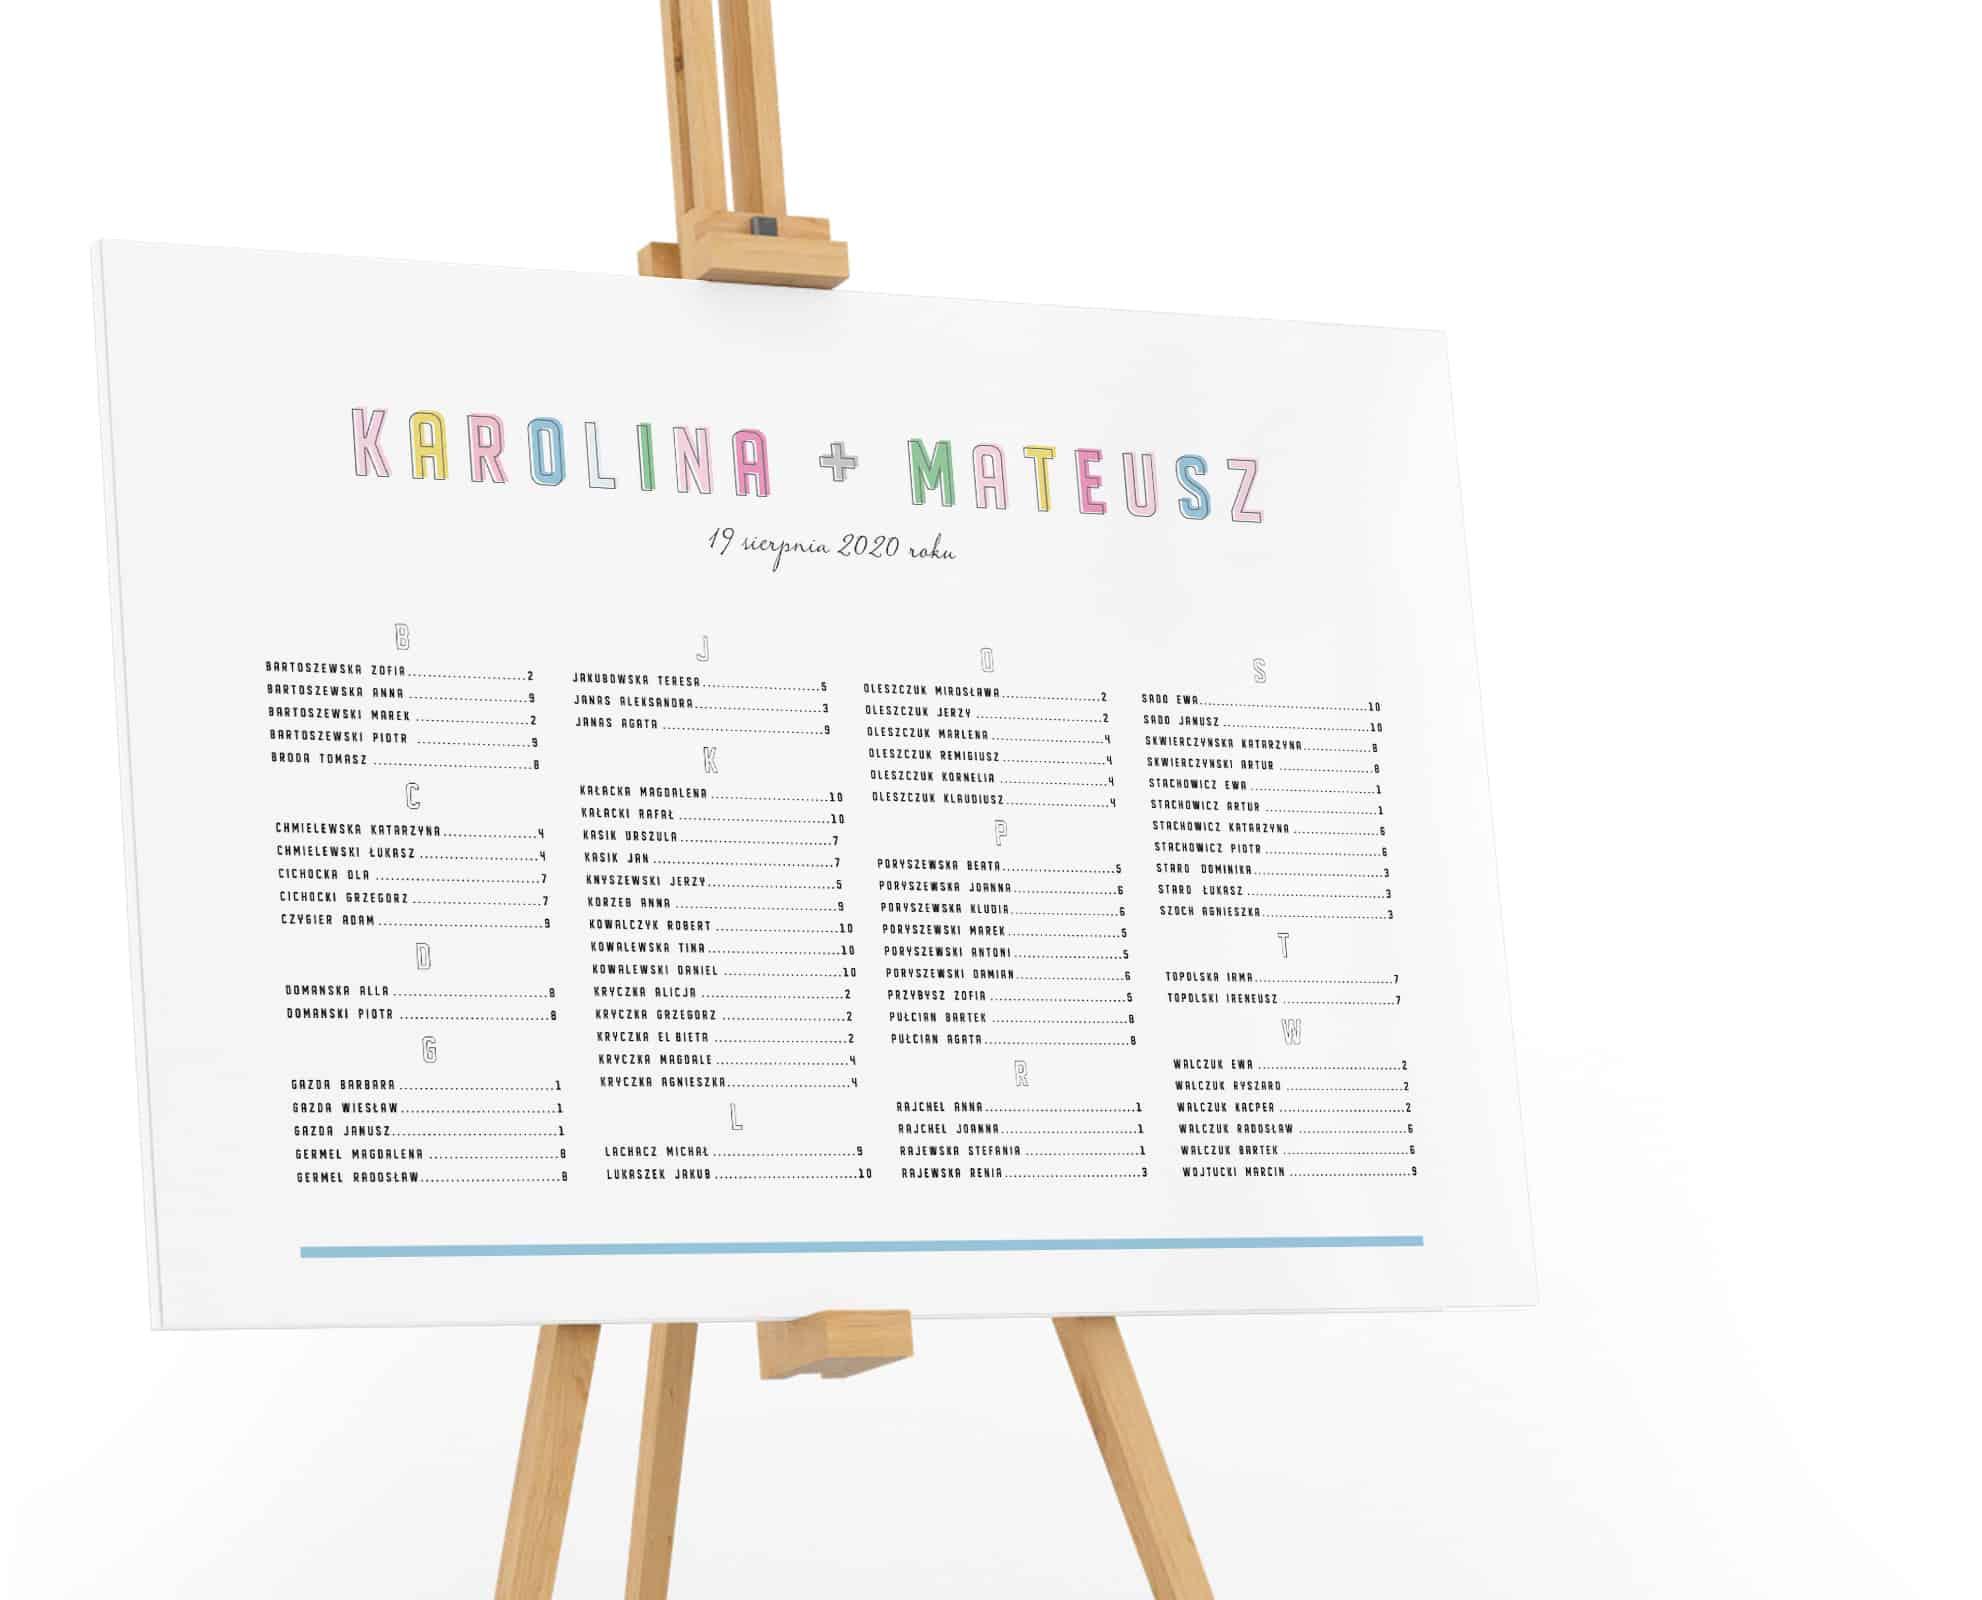 Prosty plan stołów alfabetyczny układ, imiona z kolorowych liter